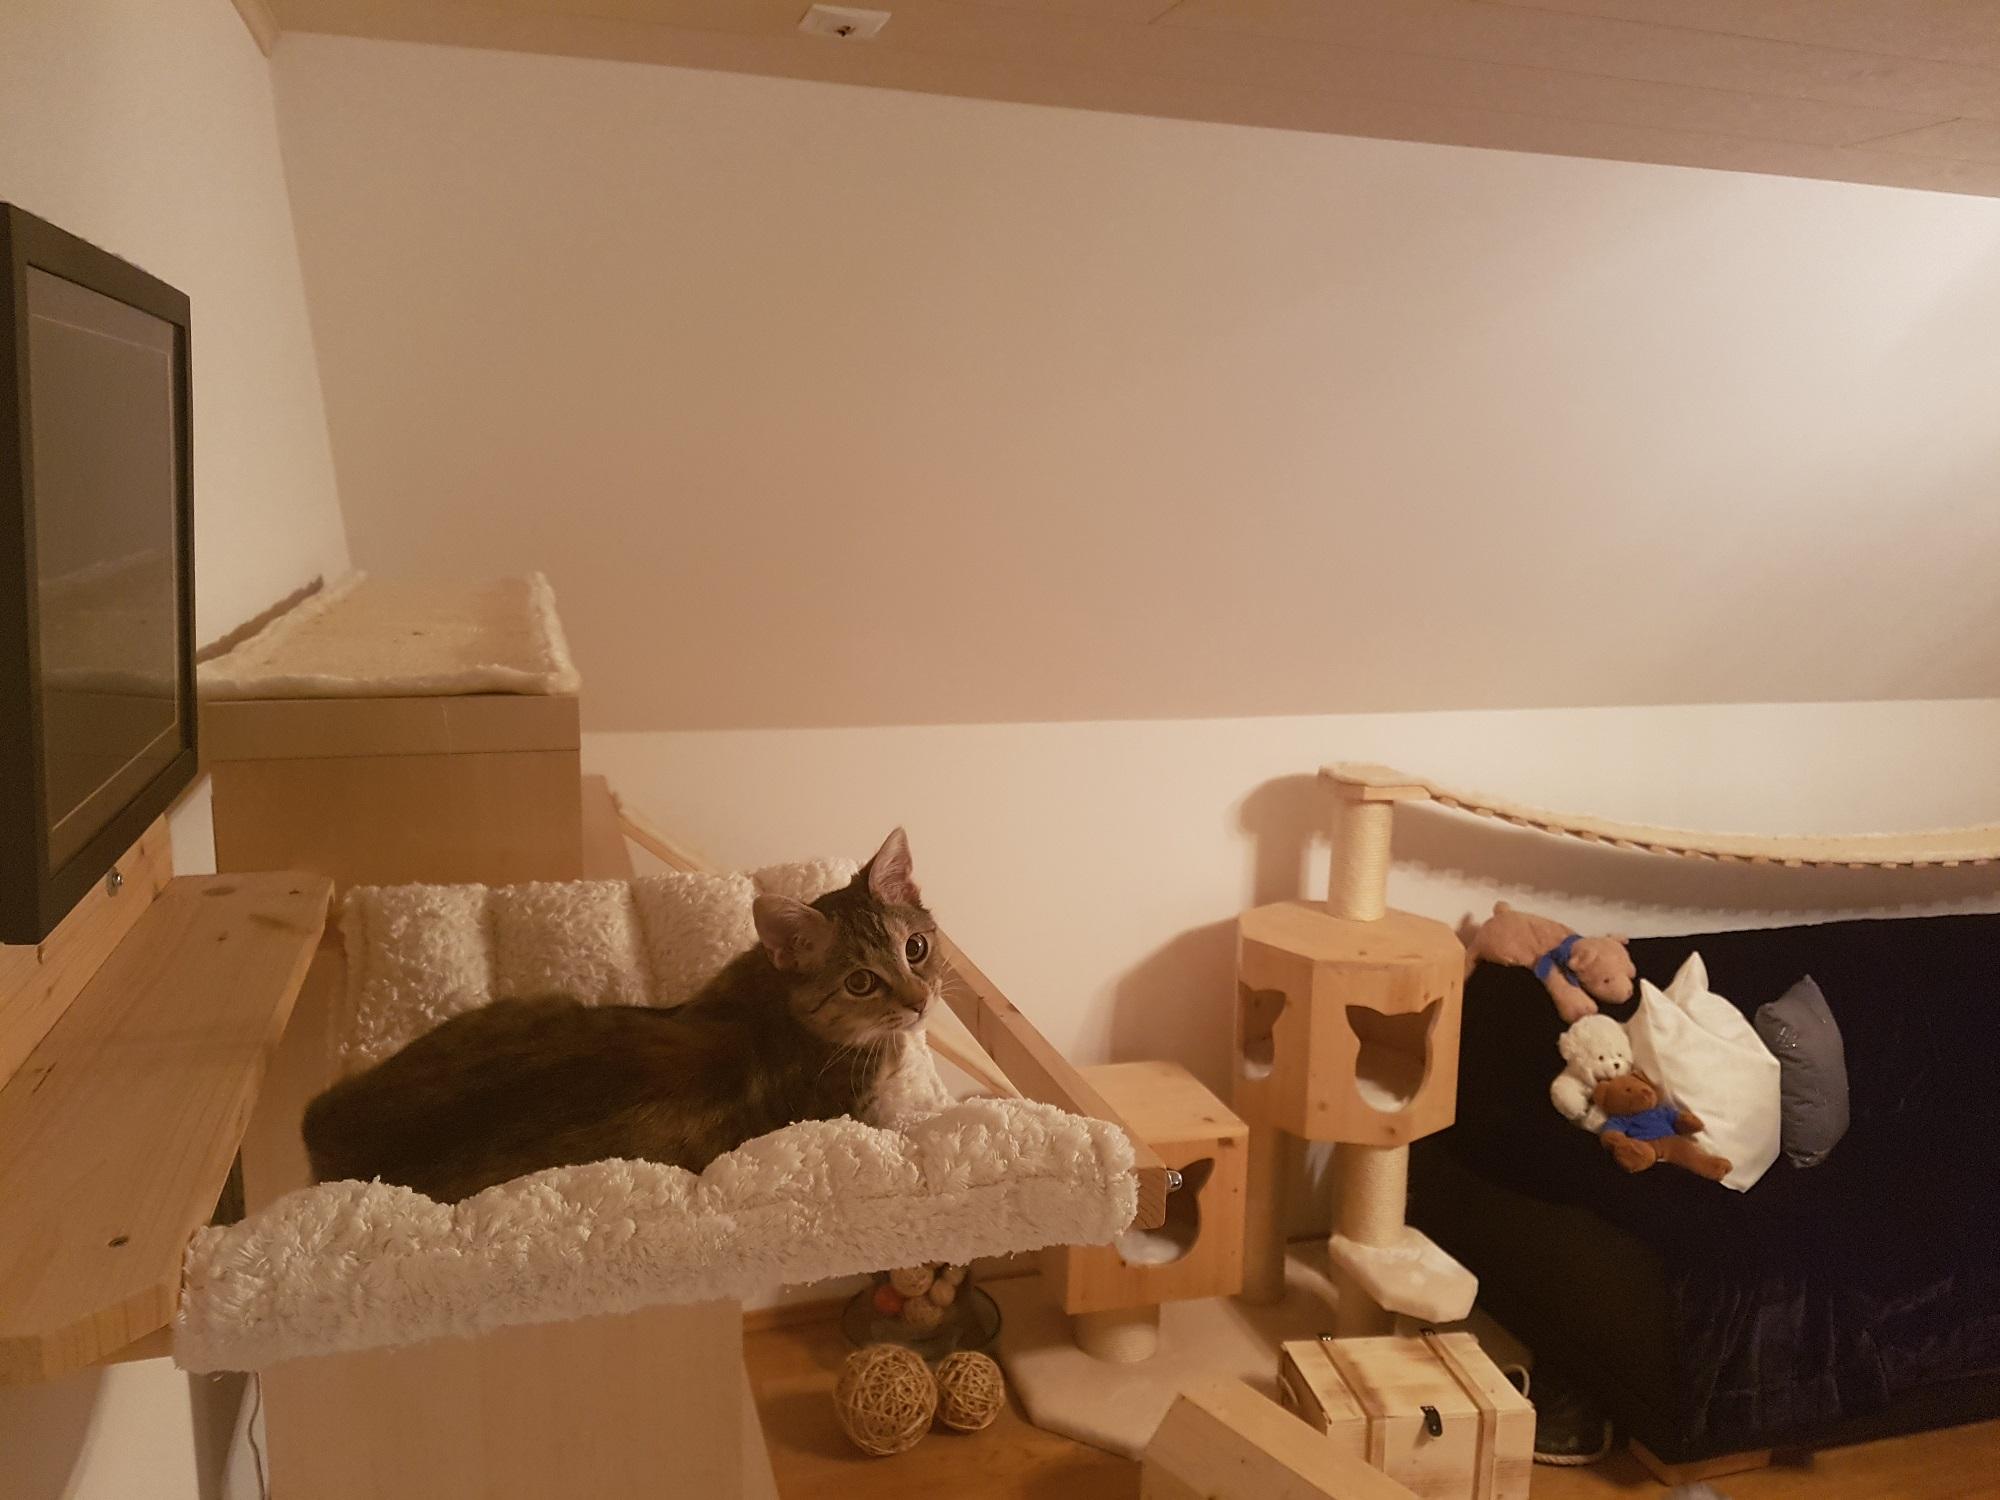 katzen wand selber bauen katzenbett selber bauen ag74. Black Bedroom Furniture Sets. Home Design Ideas